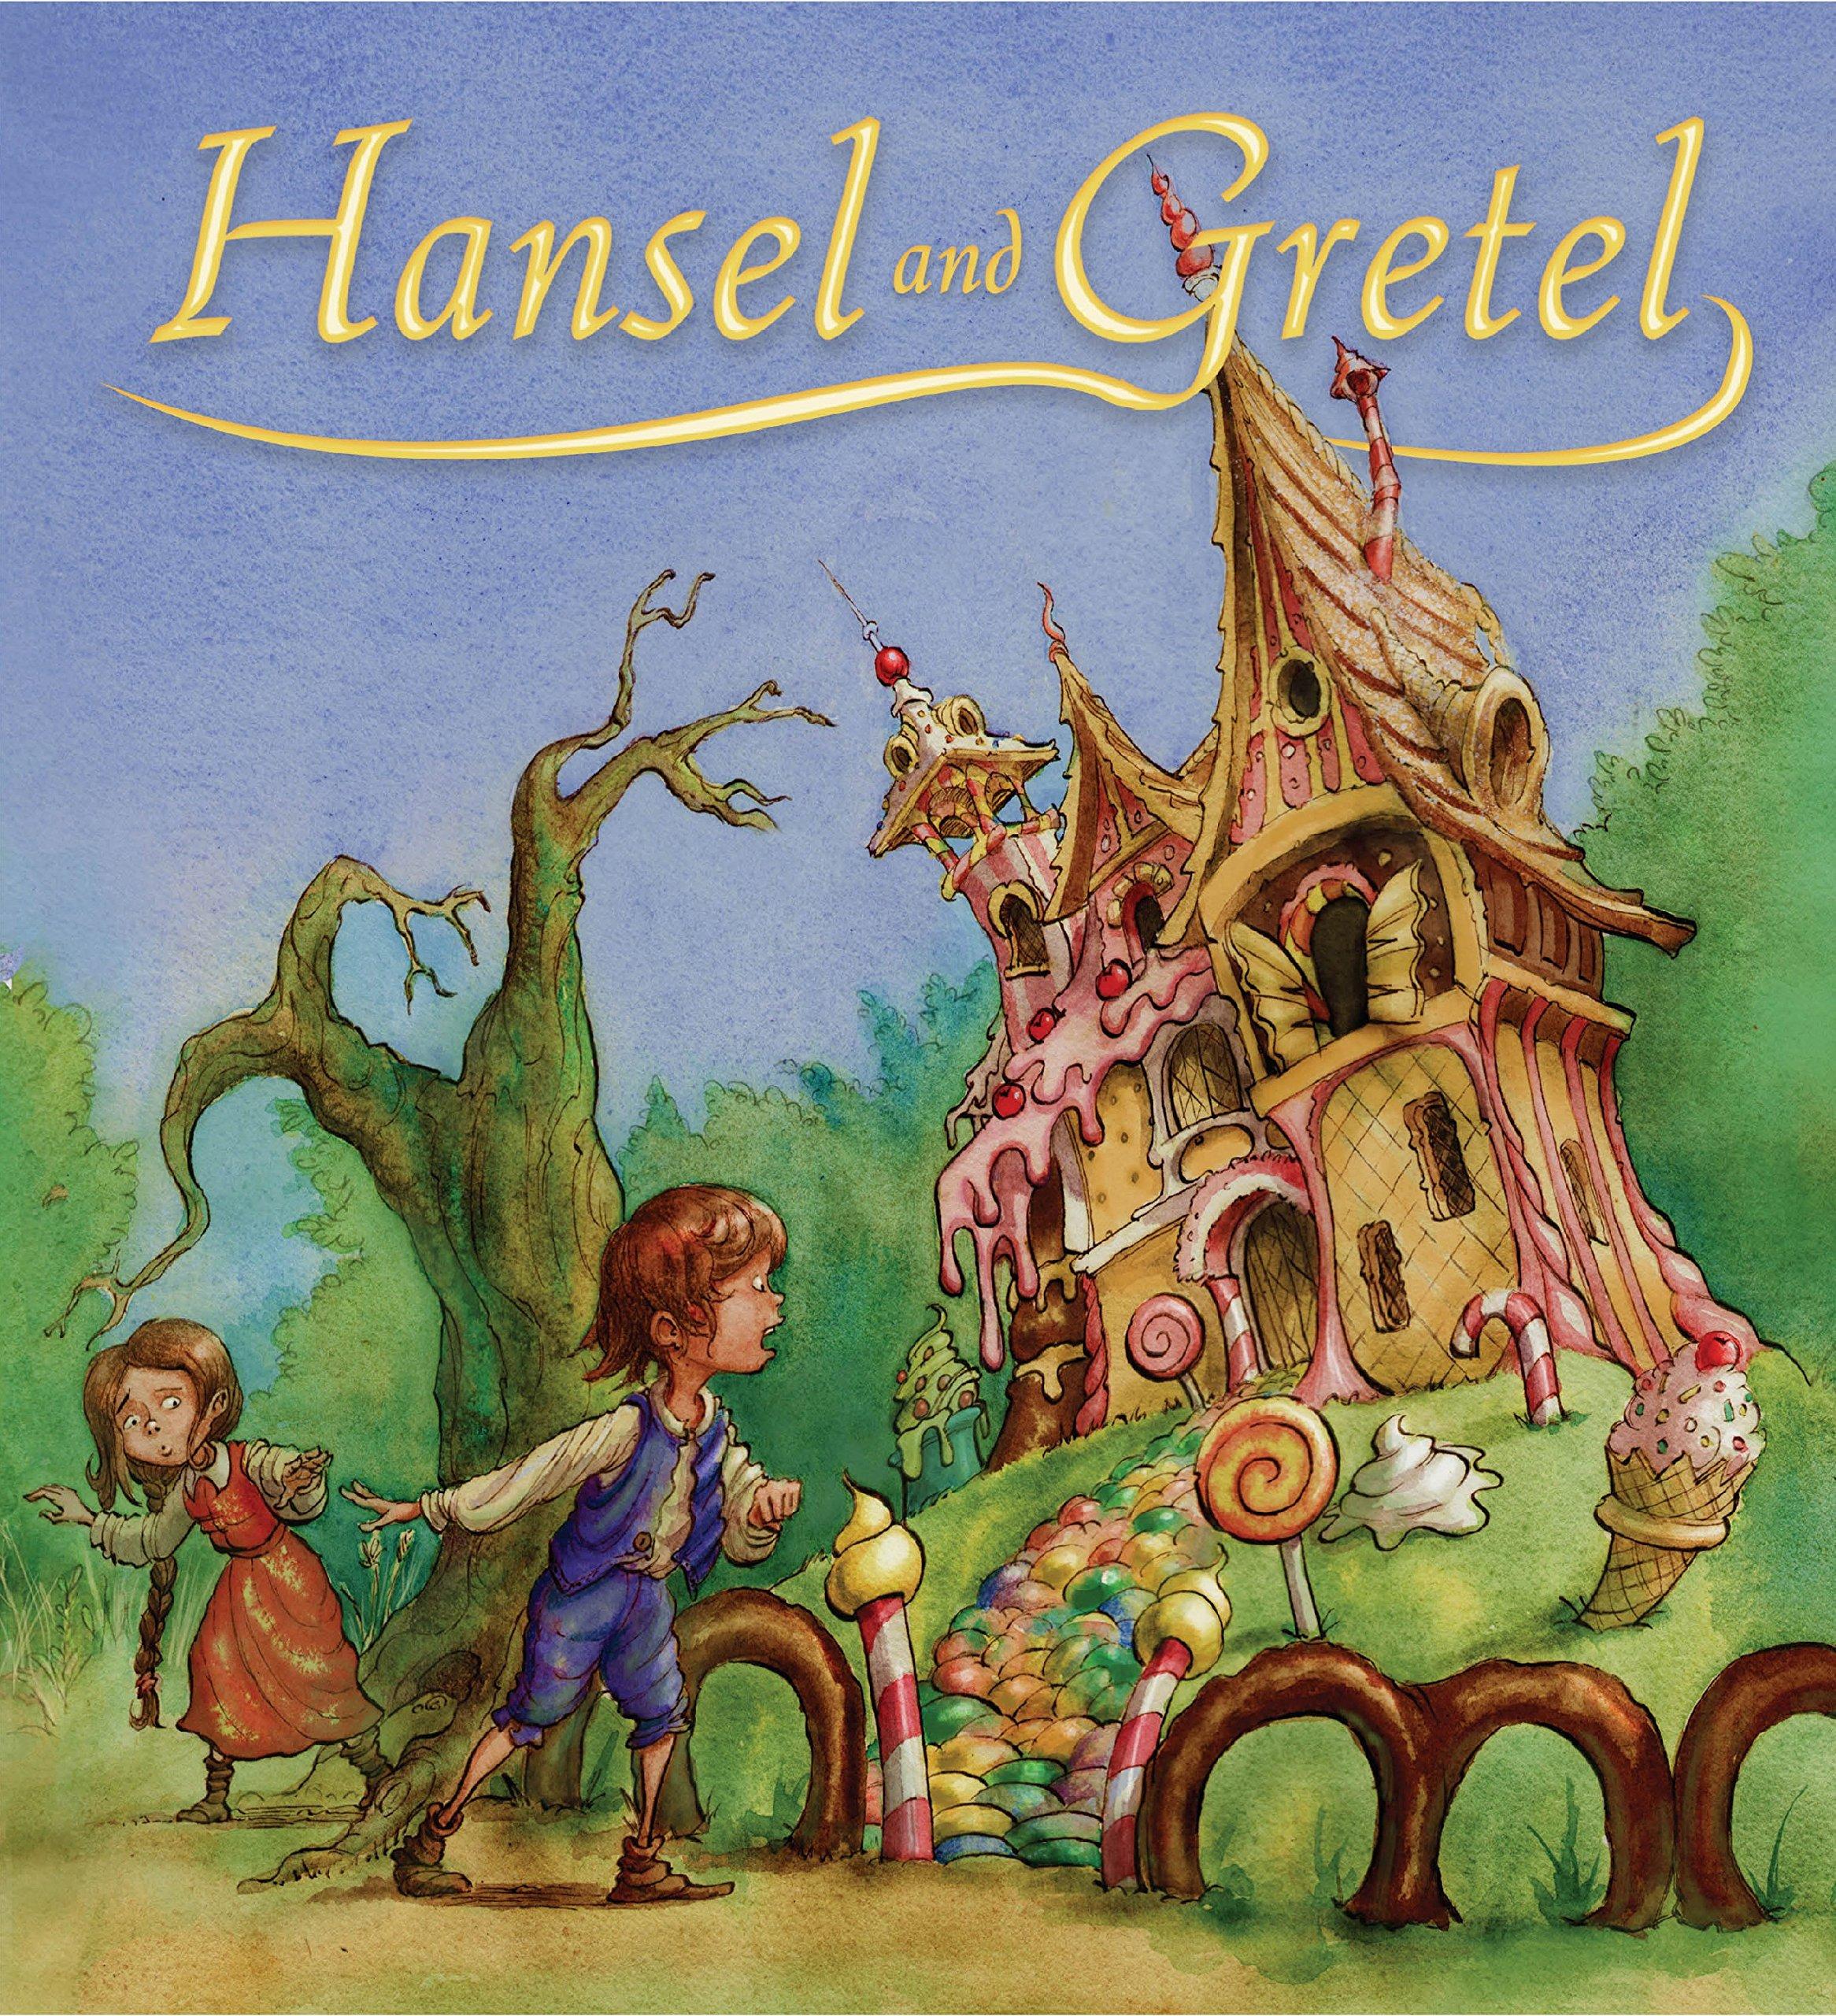 Storytime Classics: Hansel and Gretel: Amazon.co.uk: Askew, Amanda,  Catling, Andrew: 9781848354883: Books